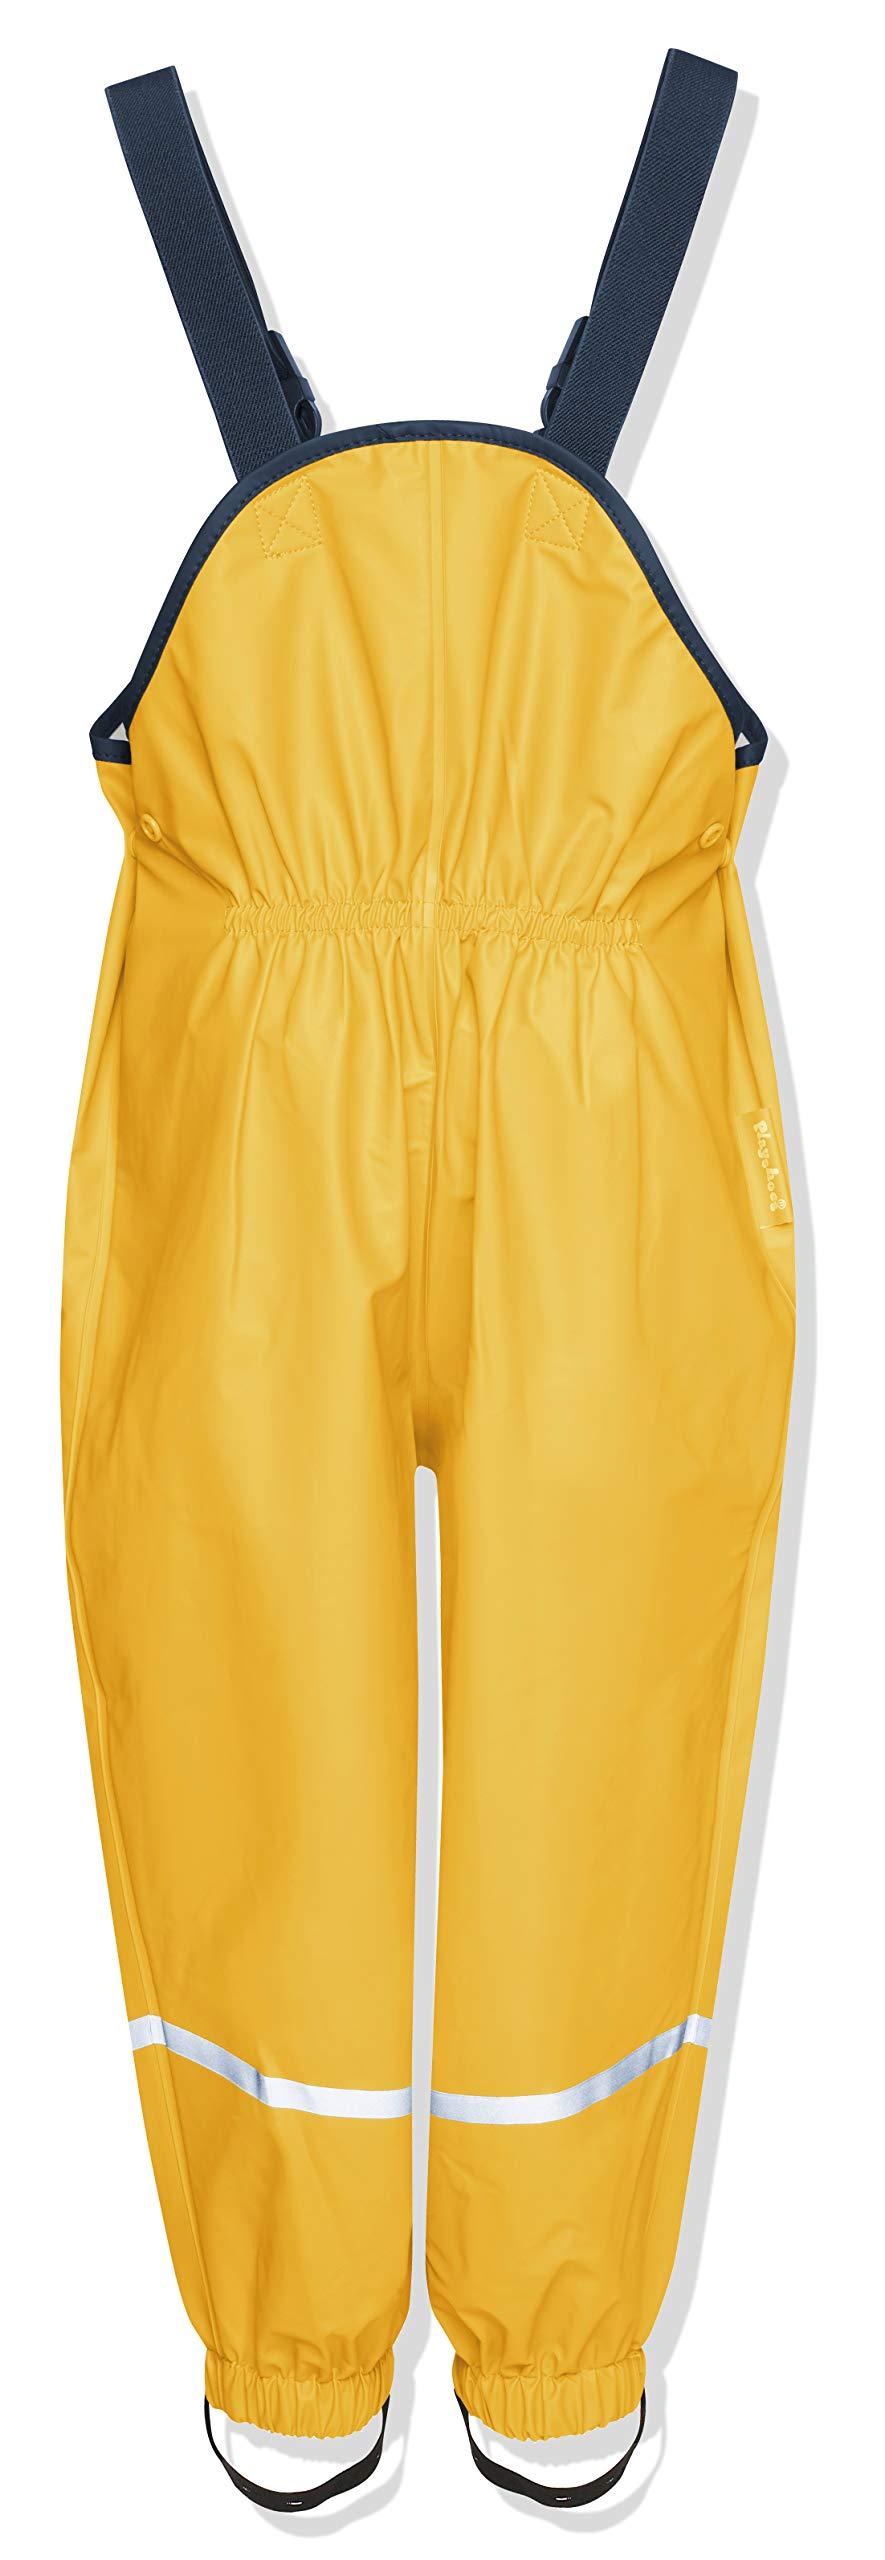 Playshoes Regenlatzhose Pantalón Impermeable para Niños 2